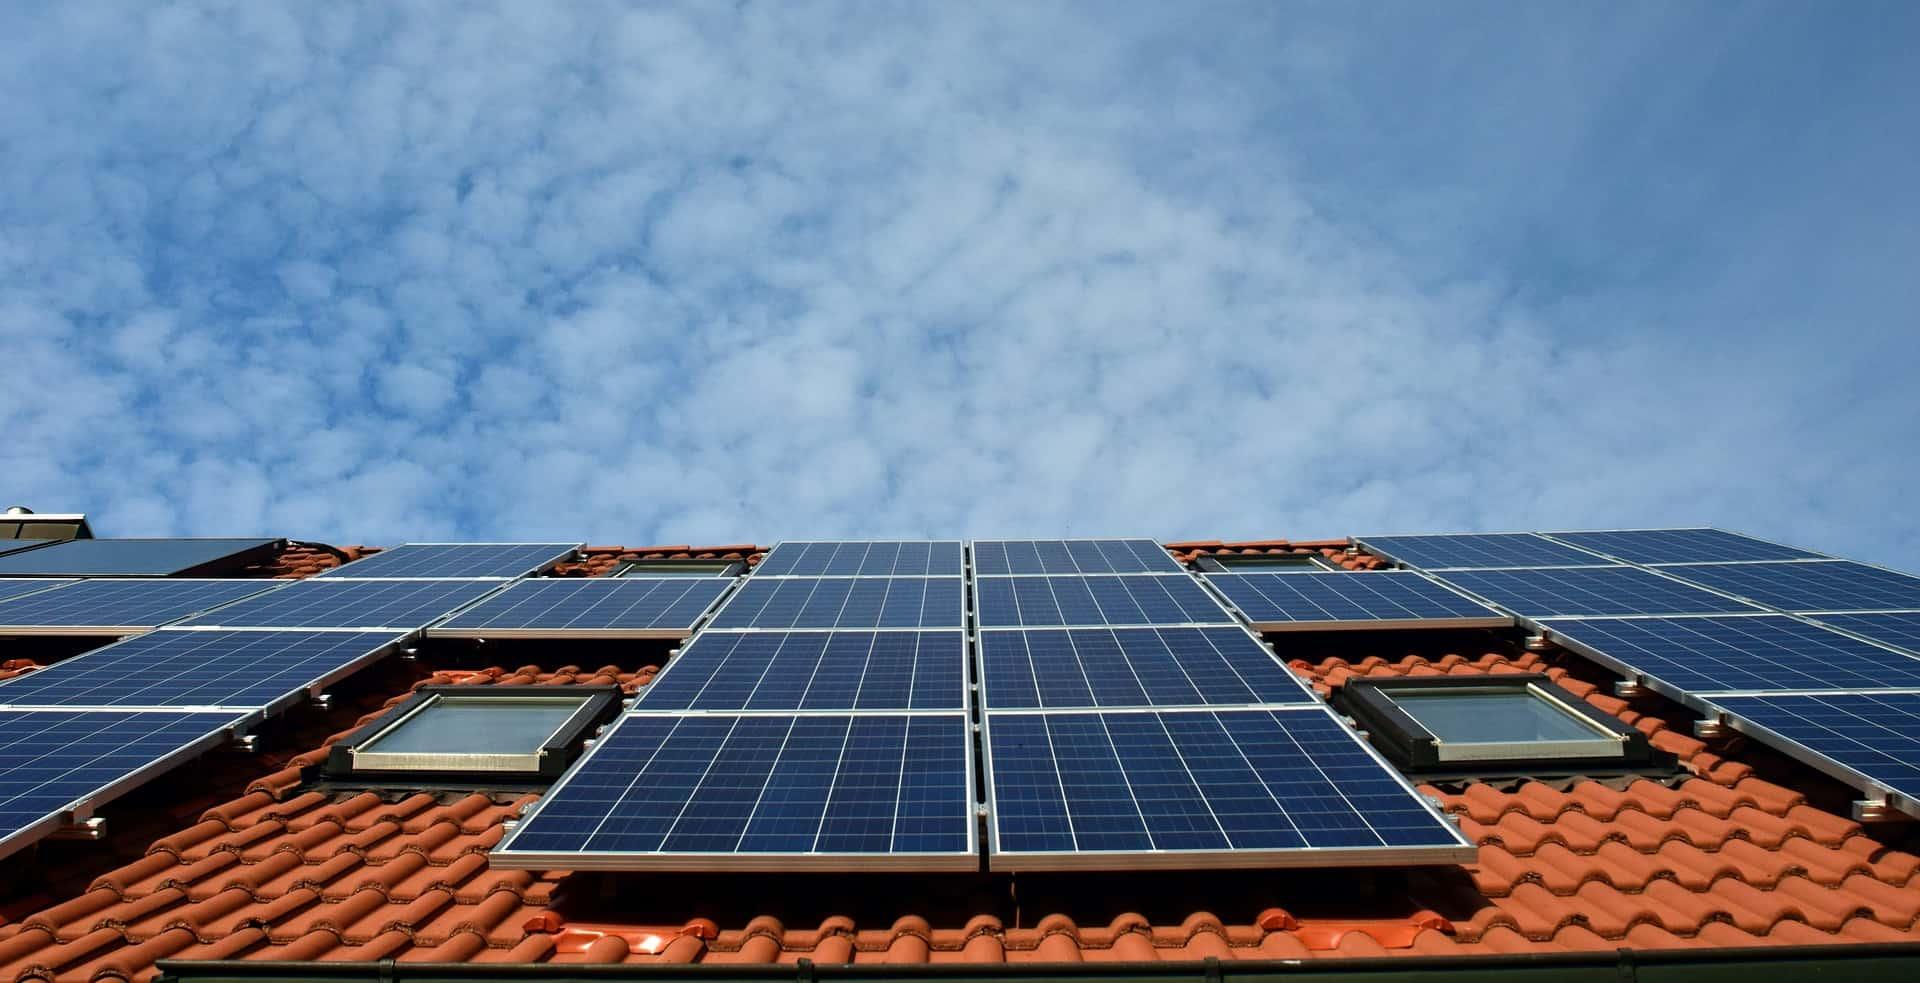 مكونات الطاقة الشمسية